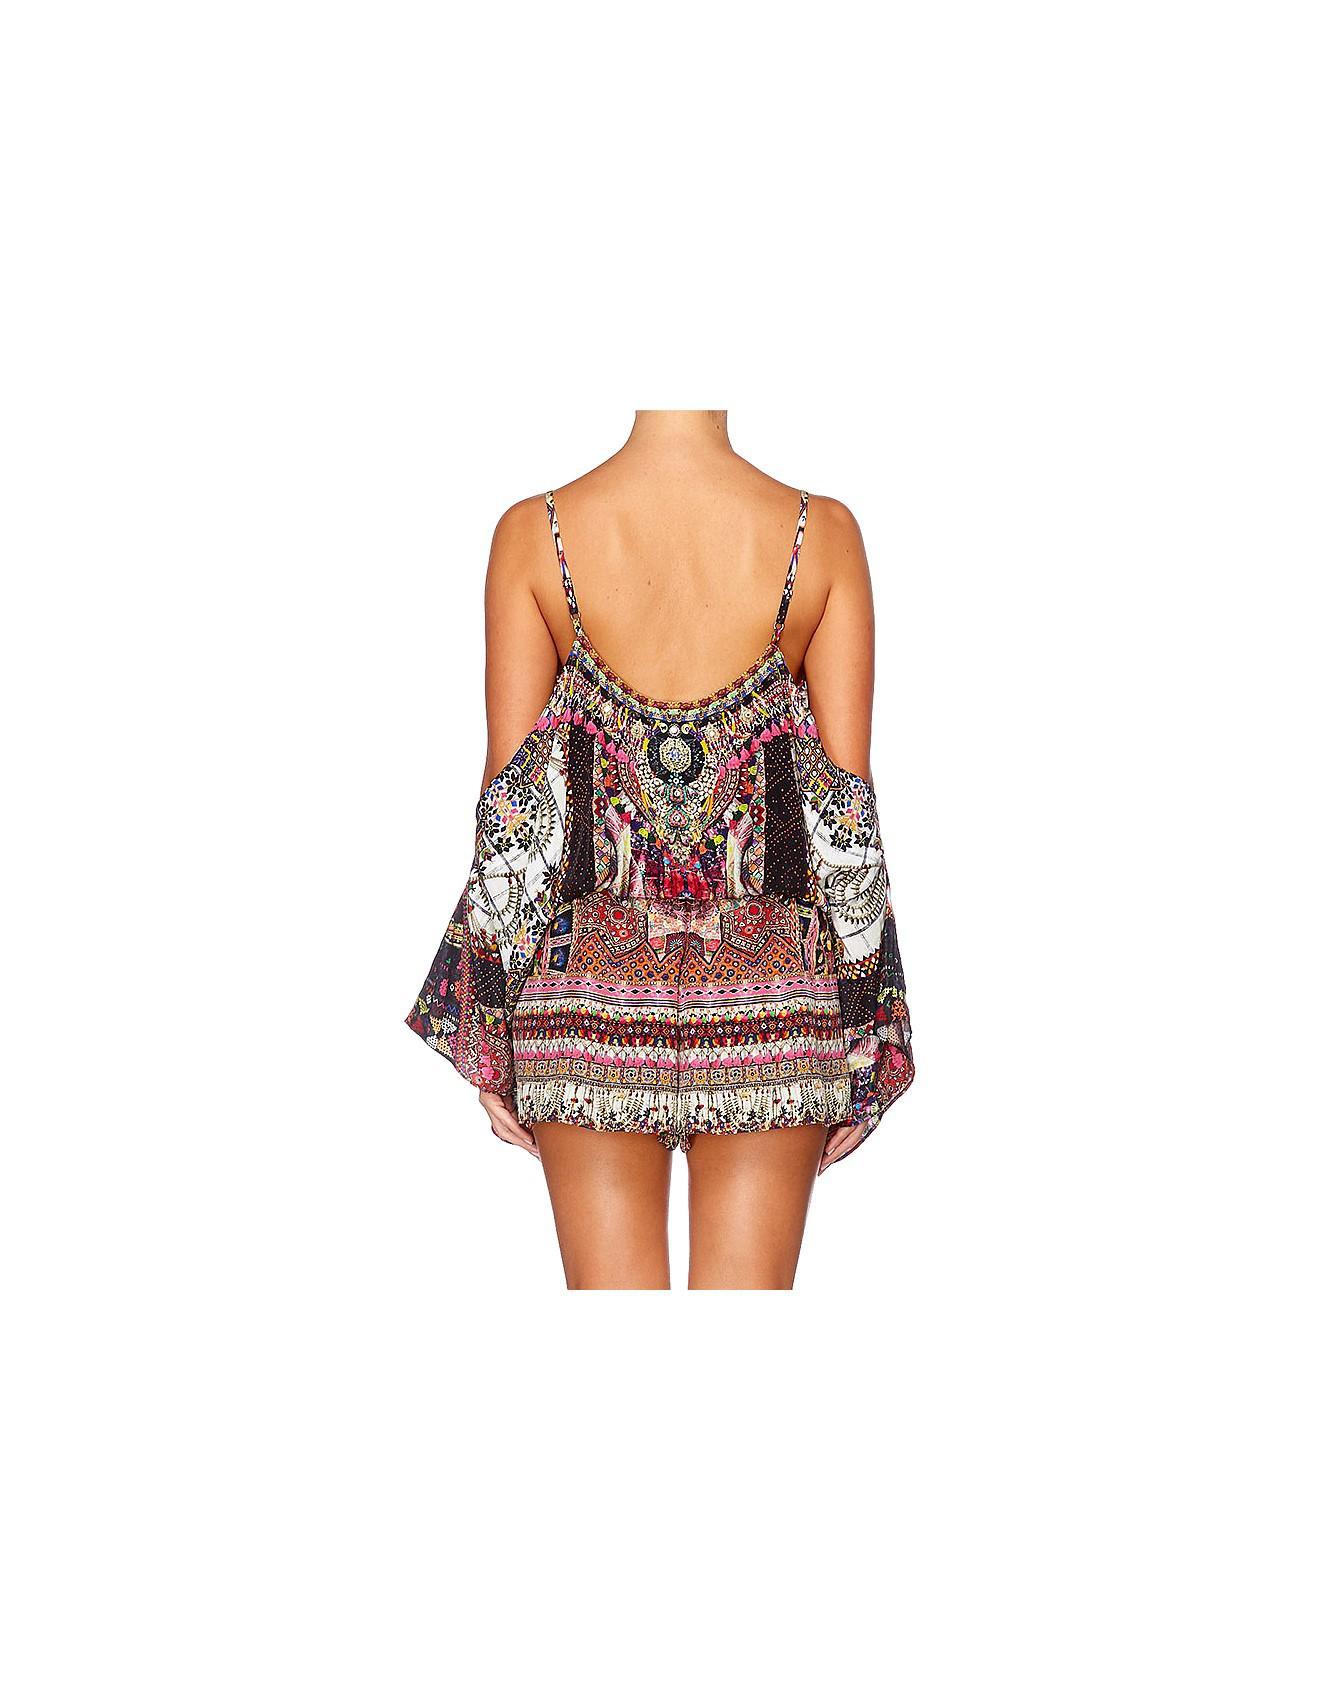 d836e957ab7 Camilla Drop Shoulder Playsuit-tiny Dancer - Lyst